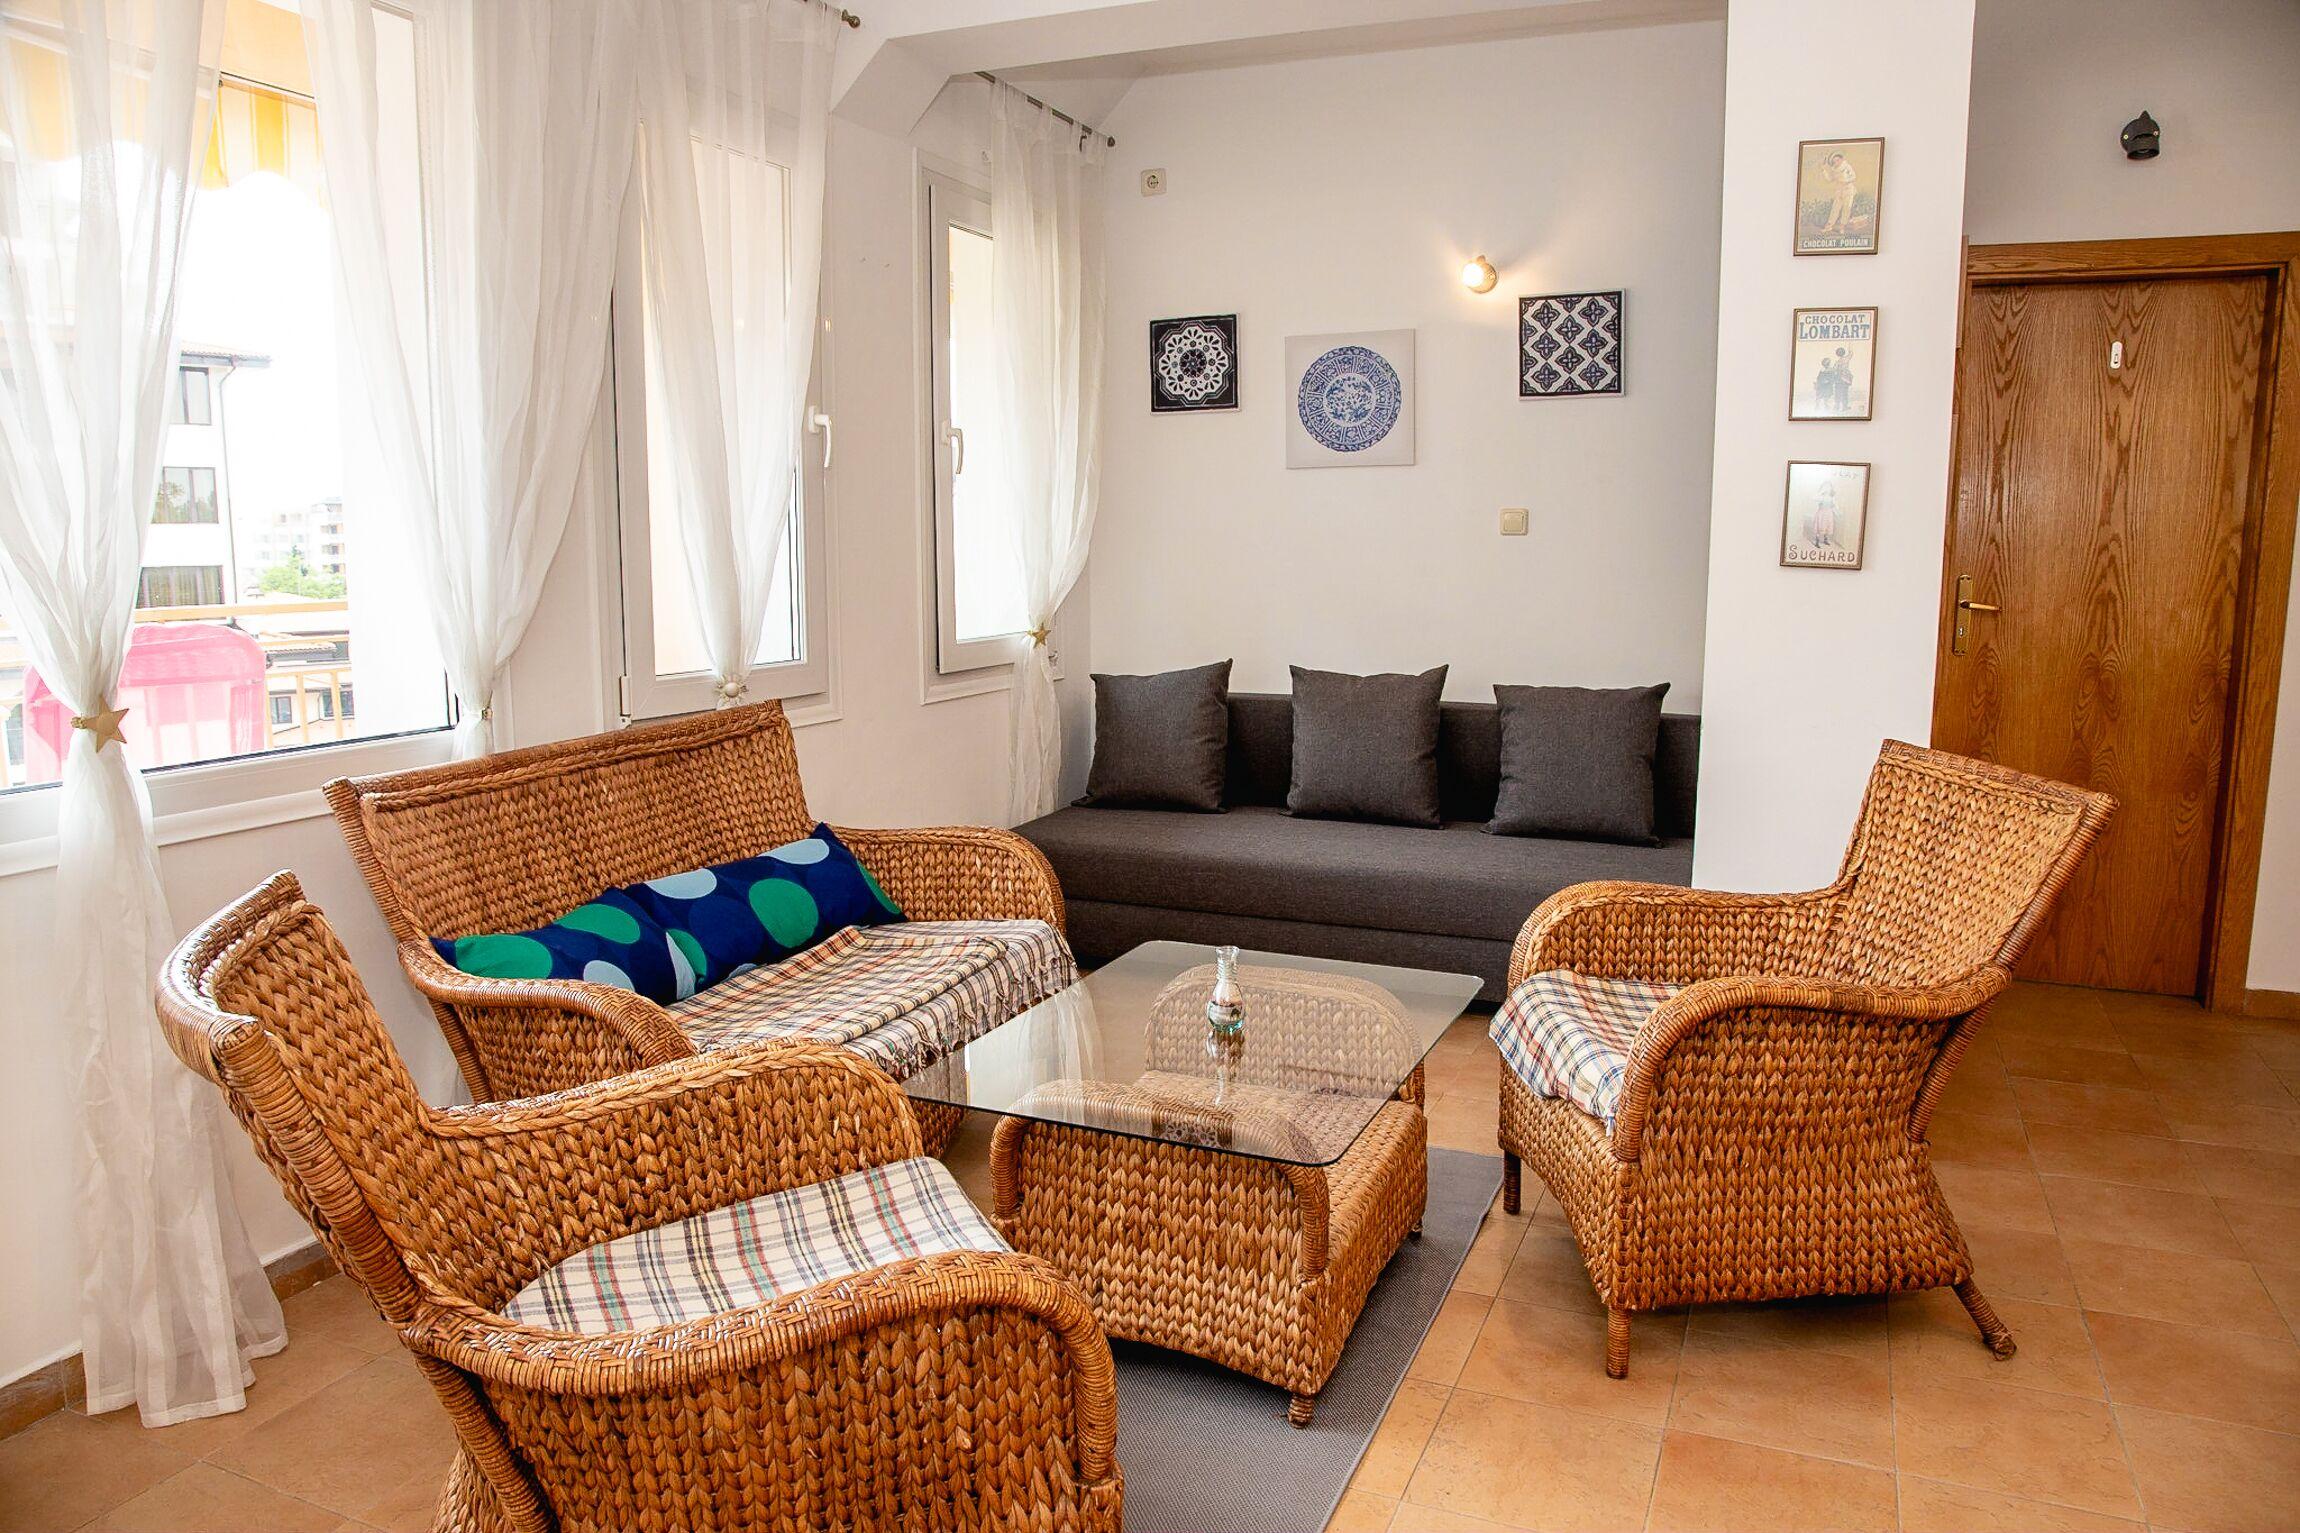 Fm Premium 1-bdr Apartment With Parking - Azure Joy